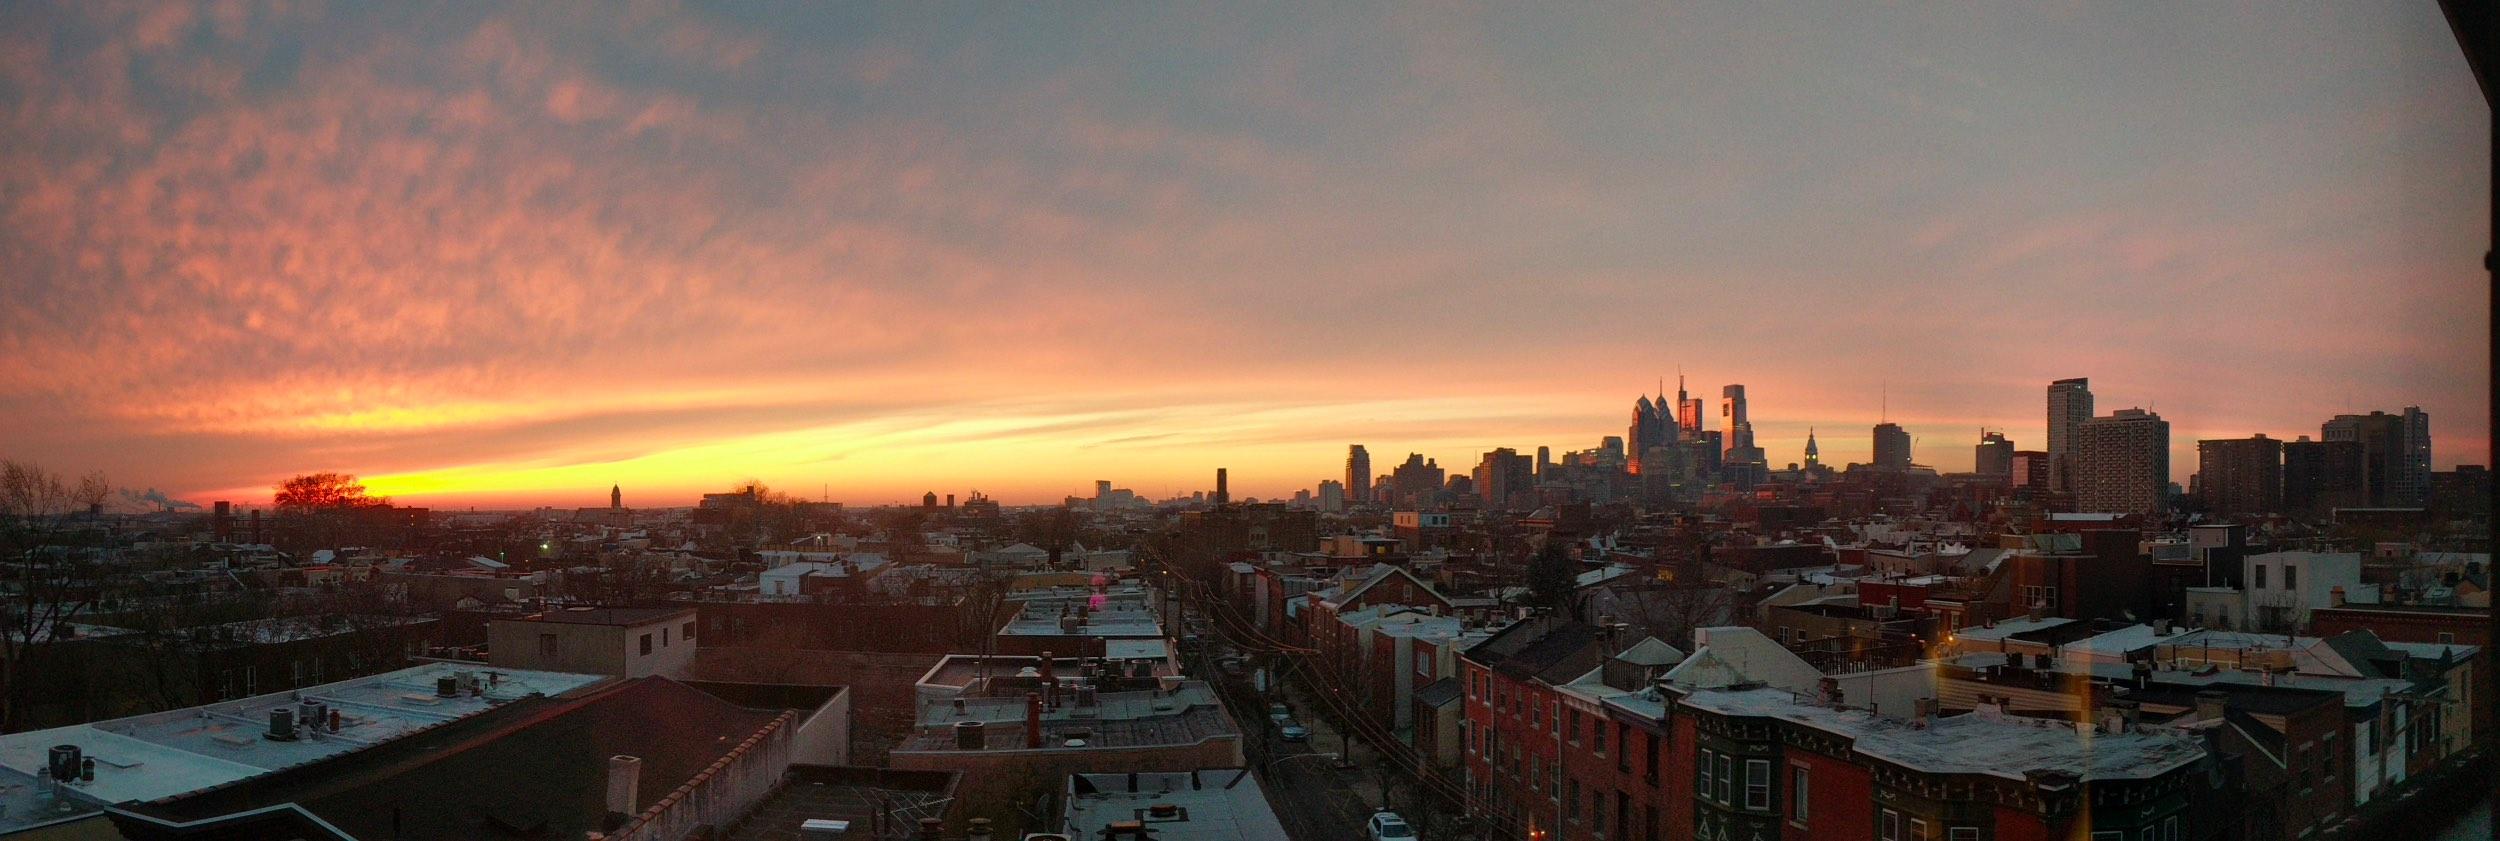 Philadelphia3.jpg